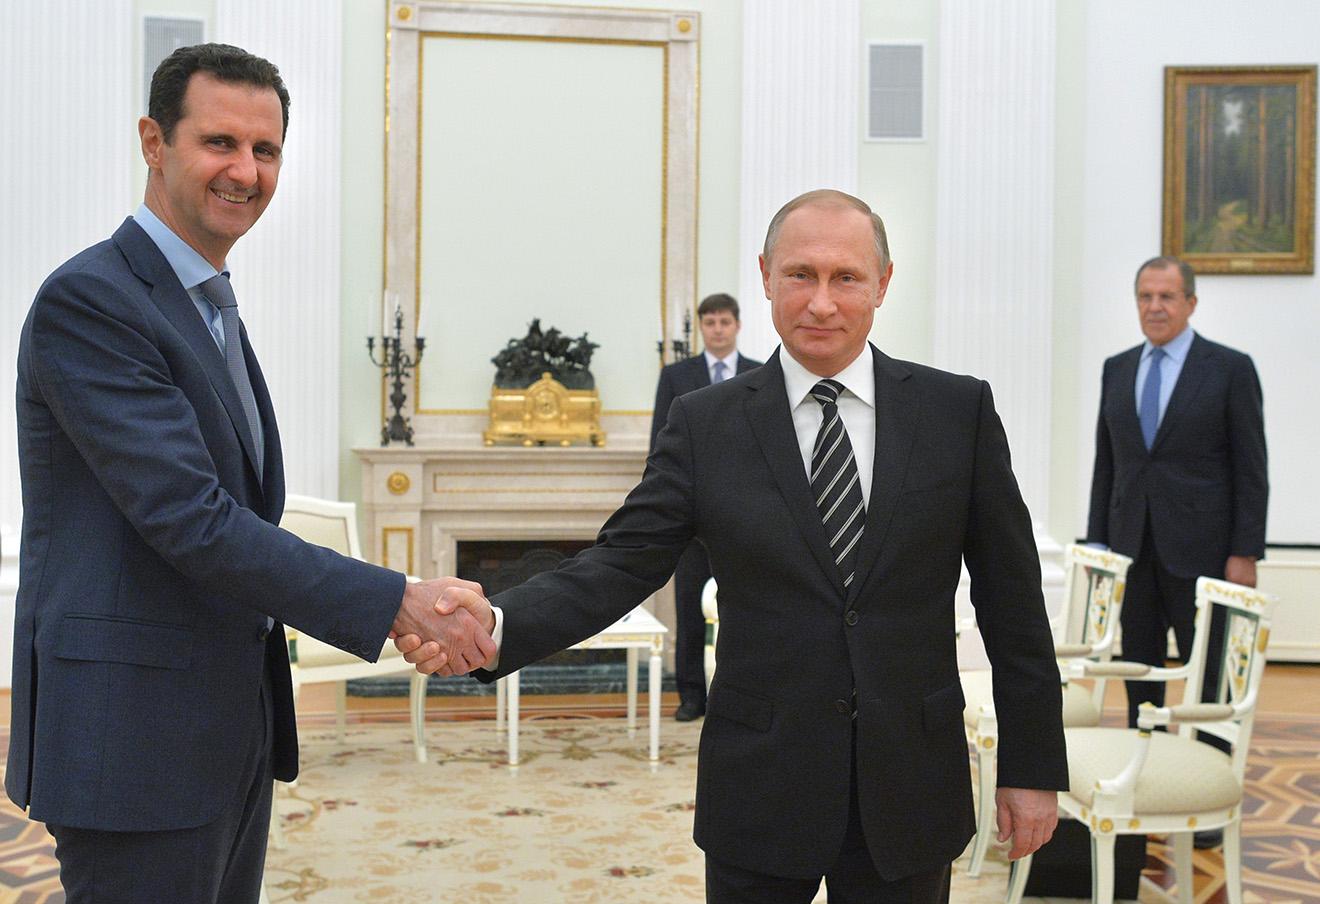 Башар Асад и Владимир Путин. Фото: Алексей Дружинин / AP